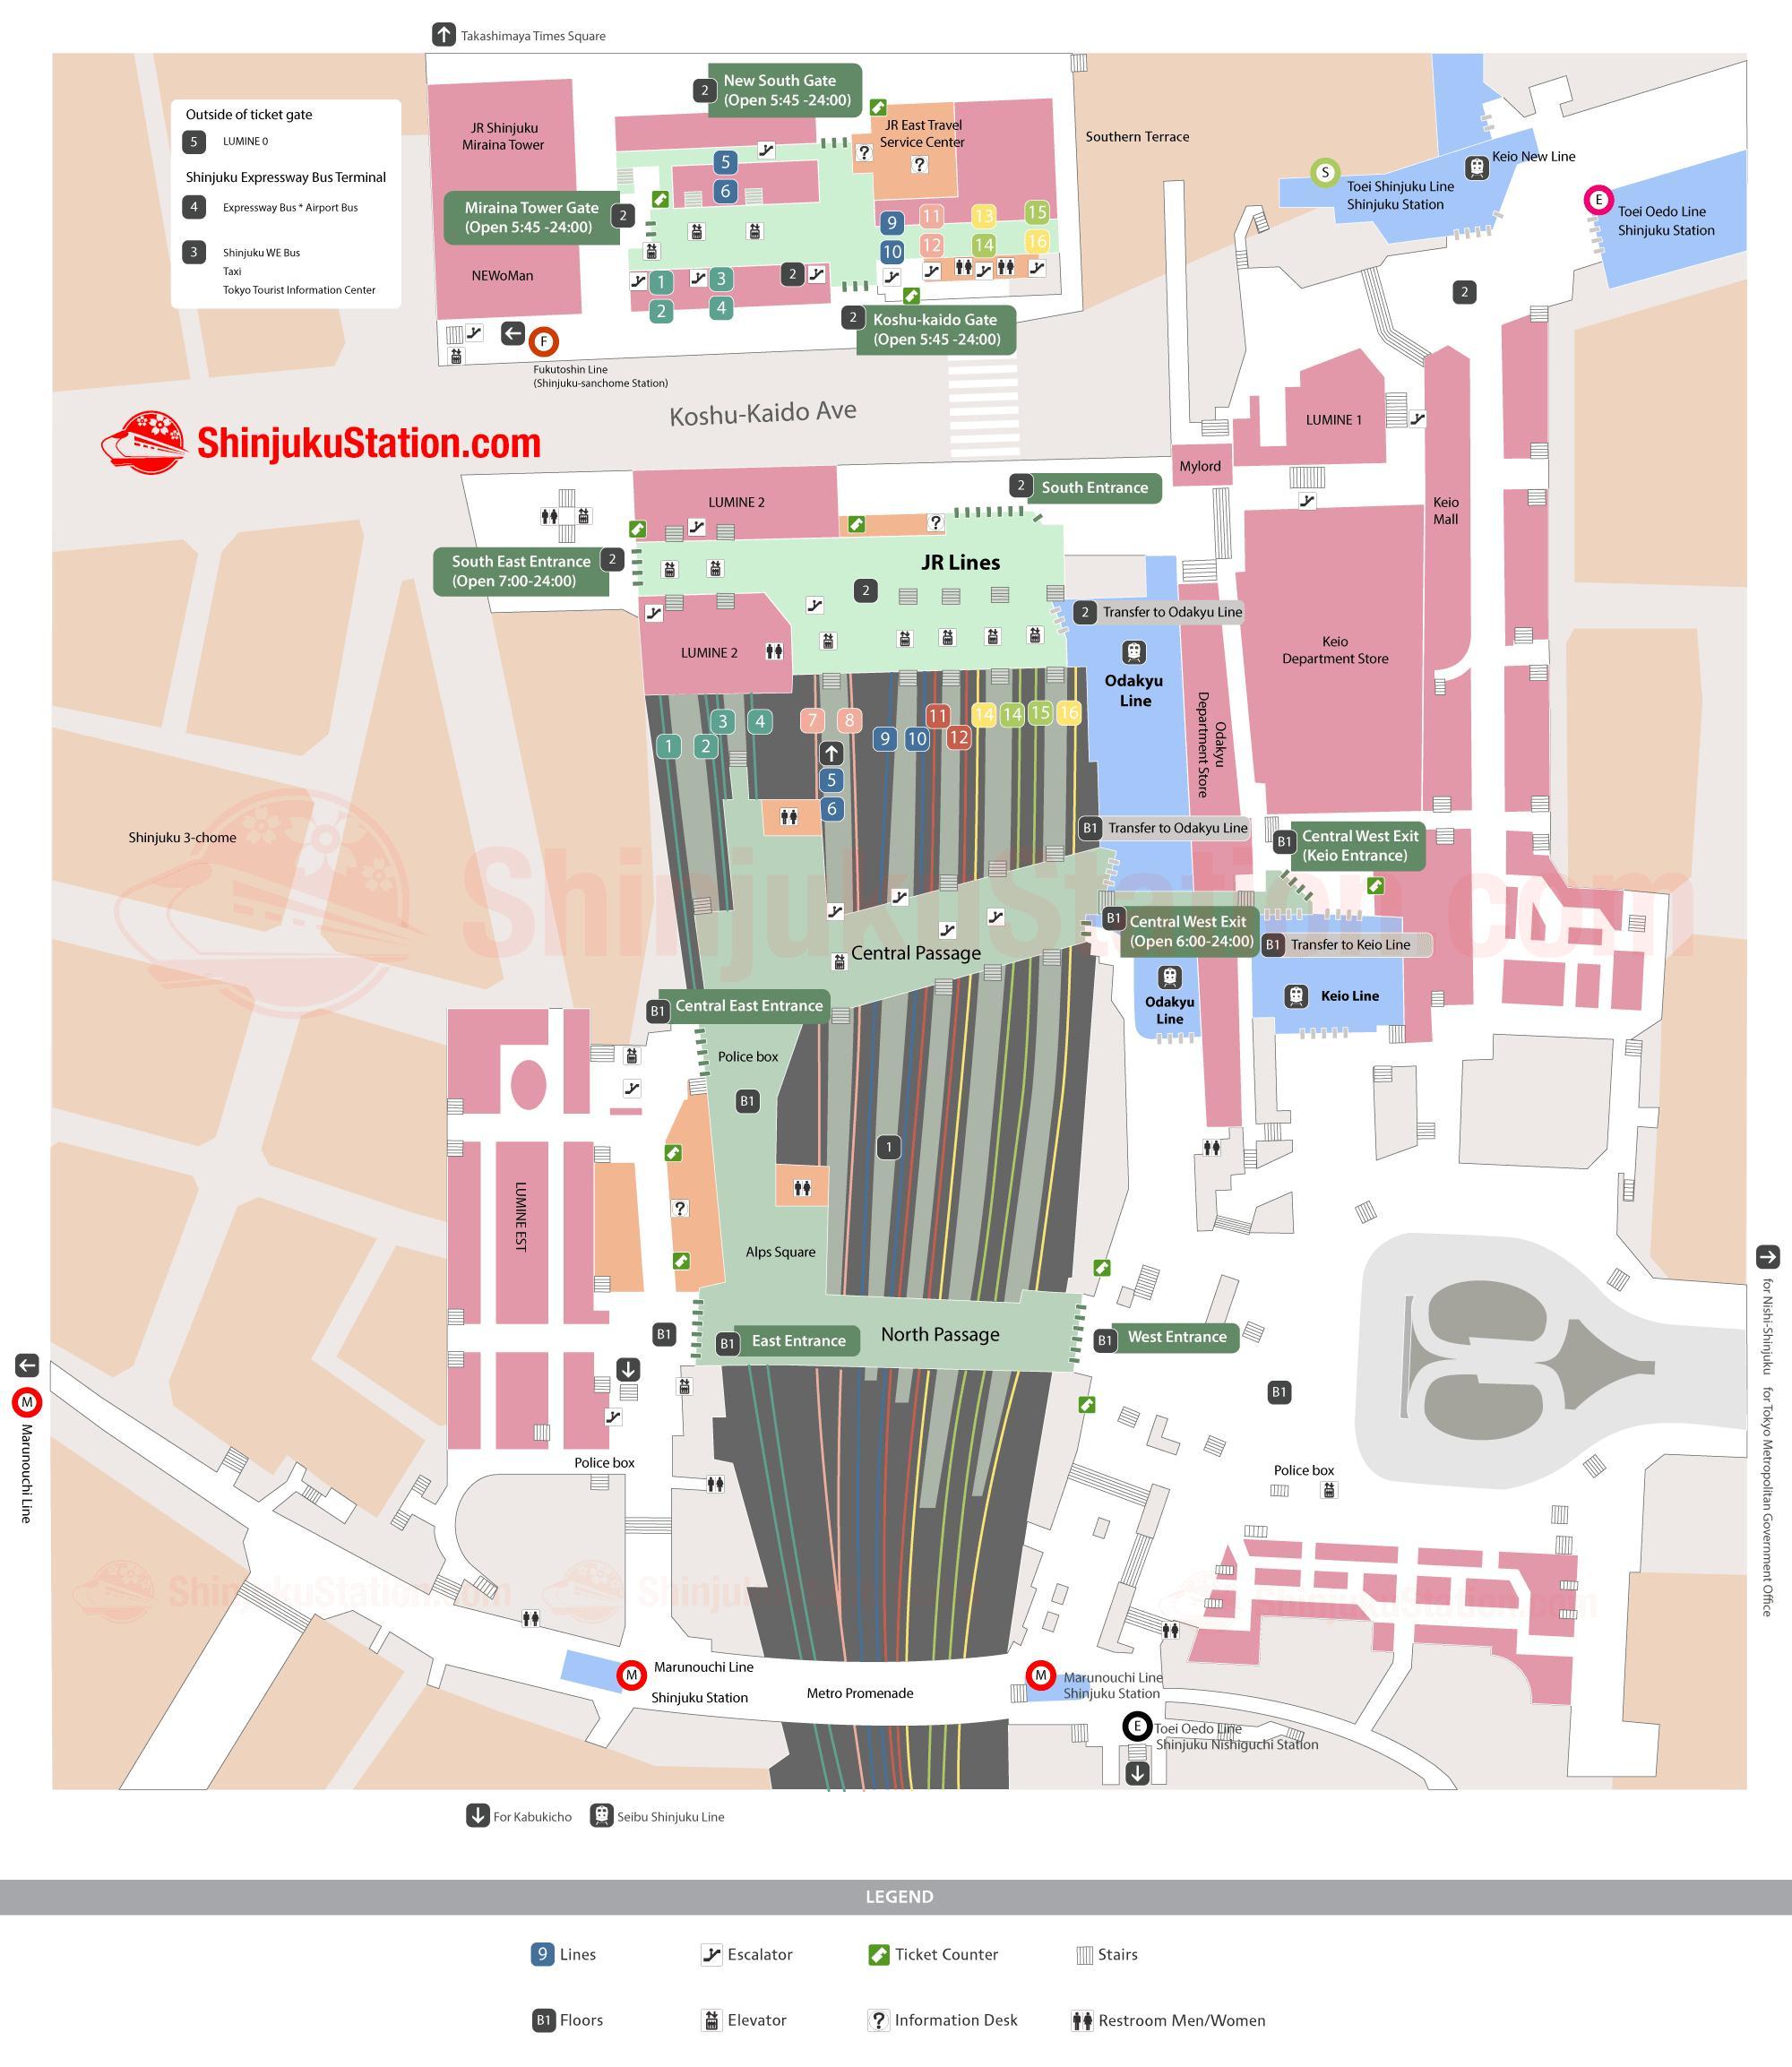 Shinjuku Subway Station Map